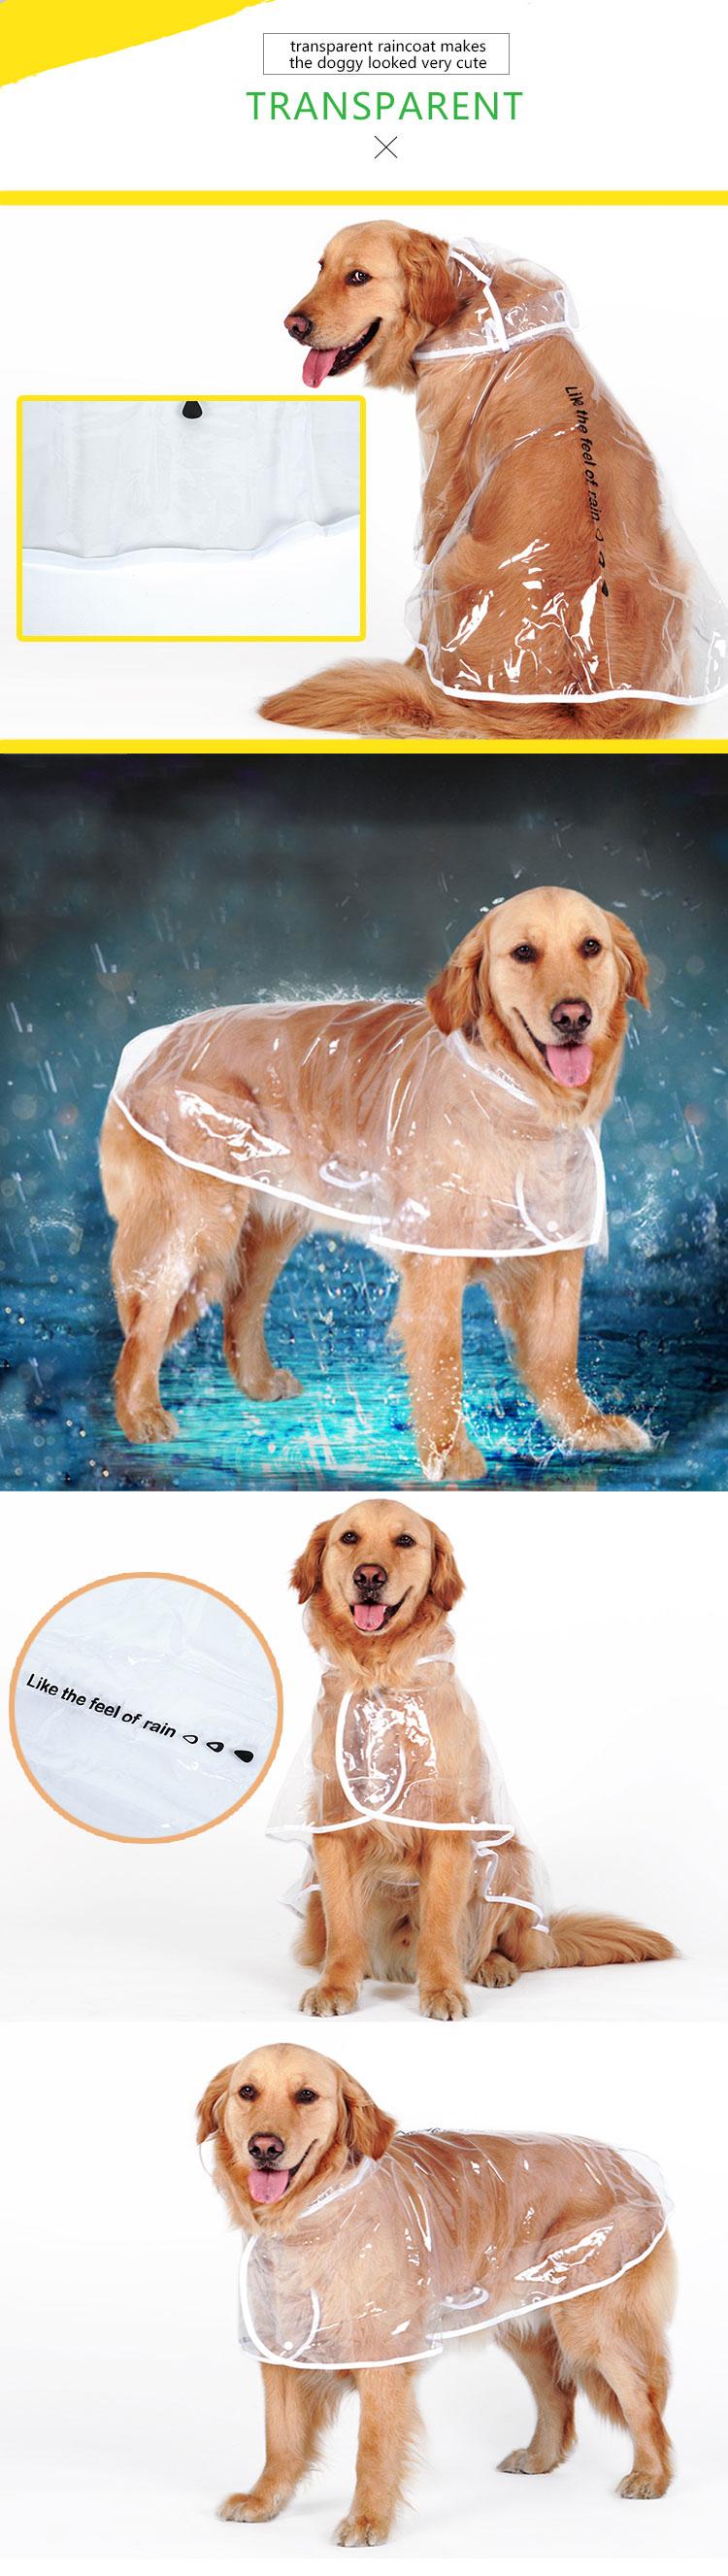 dog rain boots and raincoat, dog walking raincoat, fashion pet dog raincoat, raincoat for my dog